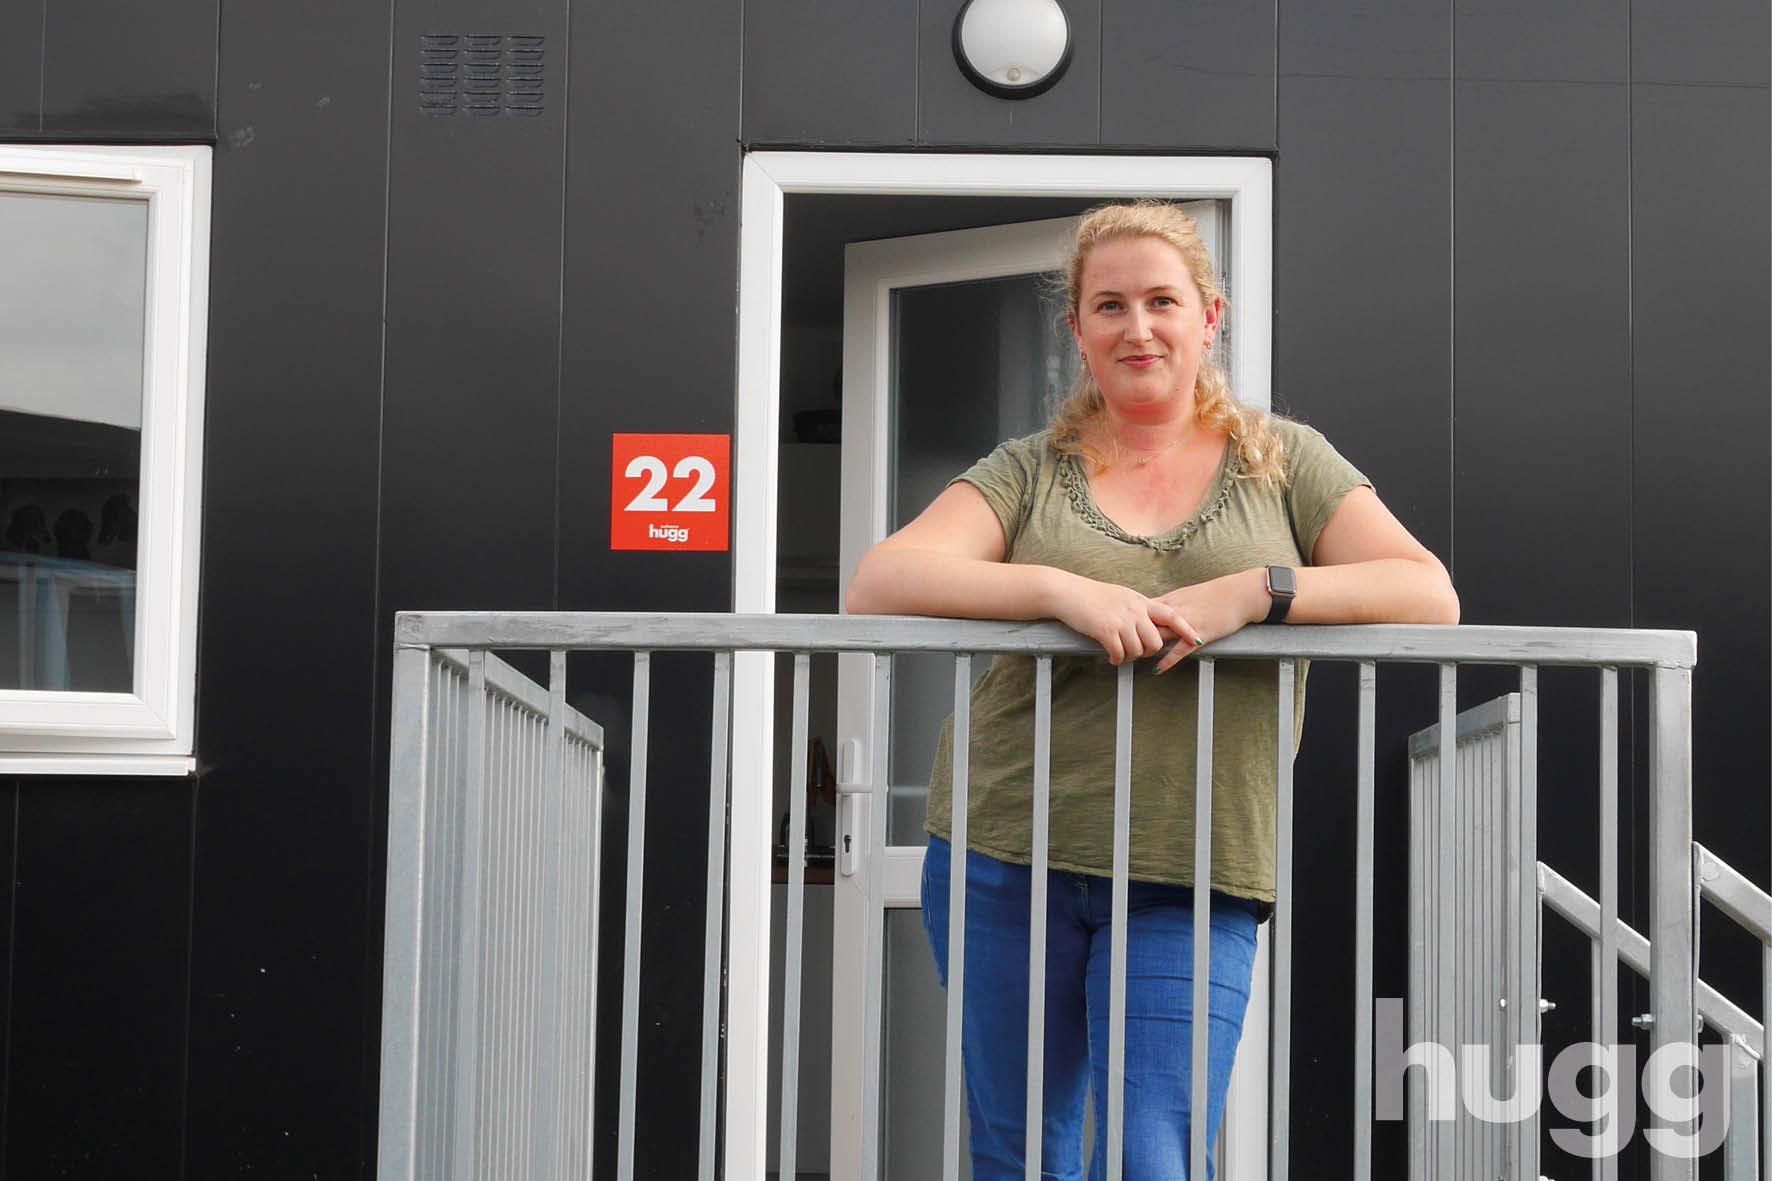 hugg_homes_residents_Lauren Harrison Short_hugg_3.jpg